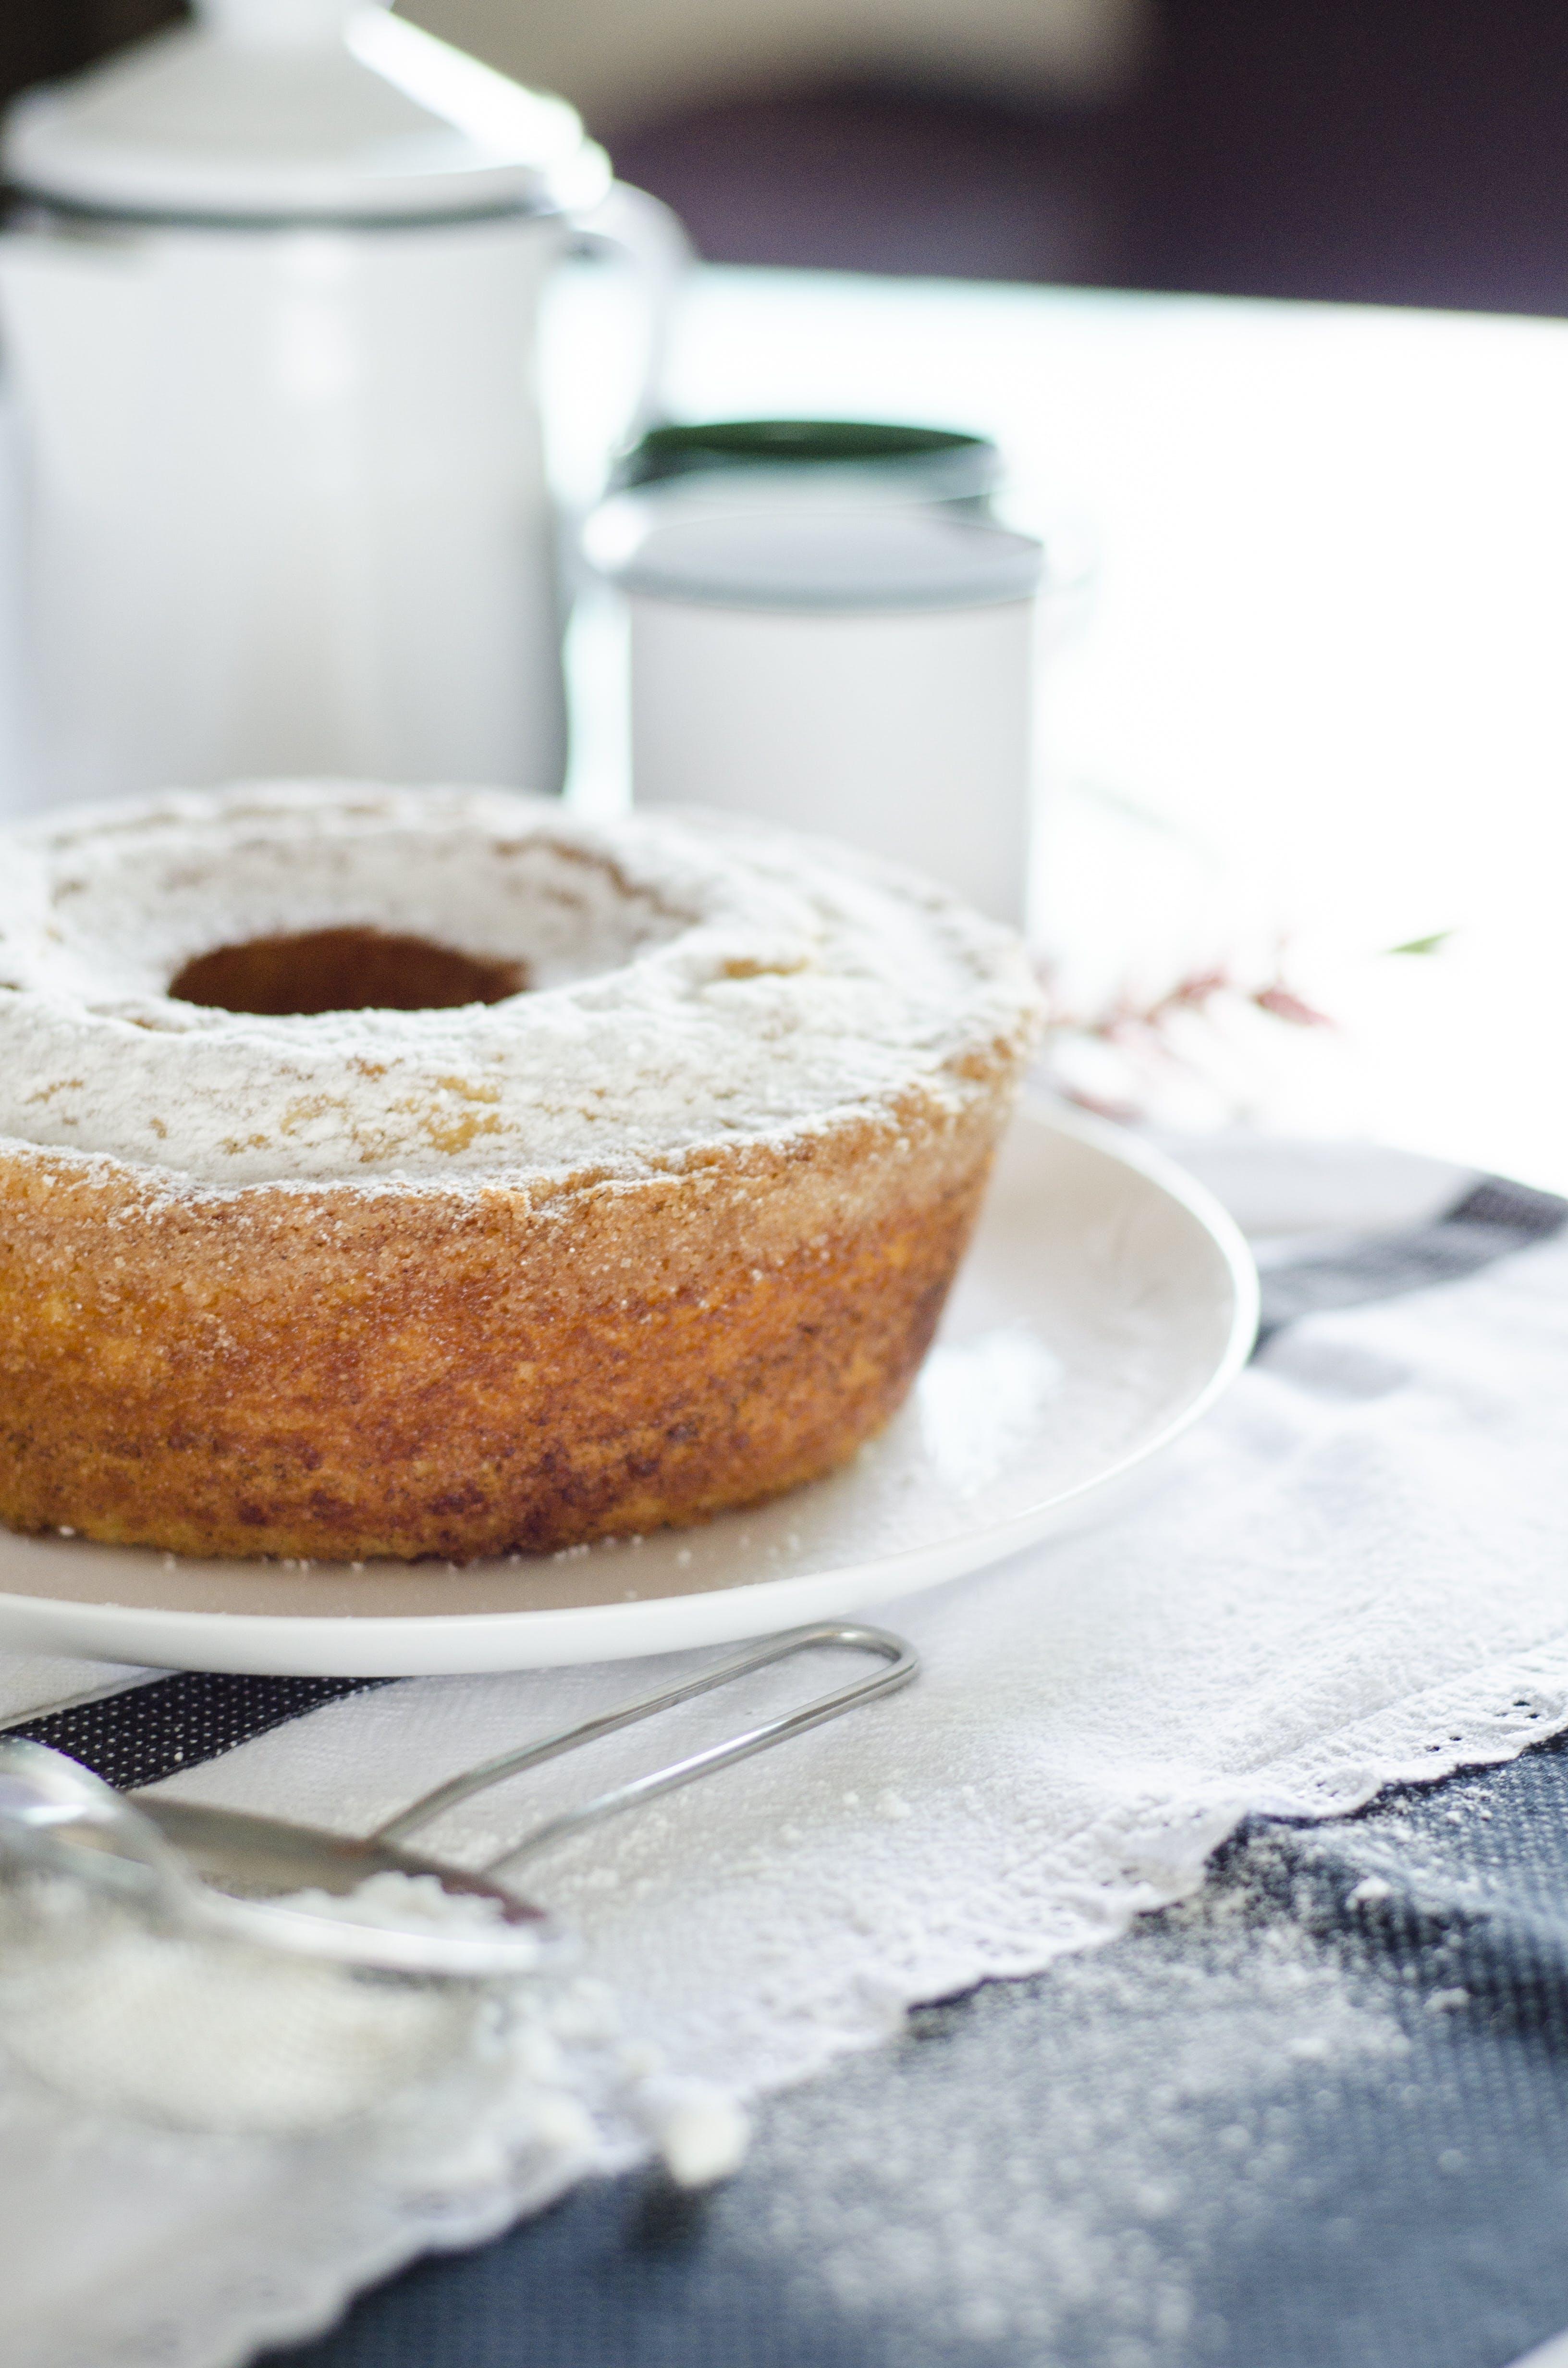 Donut on White Ceramic Plate